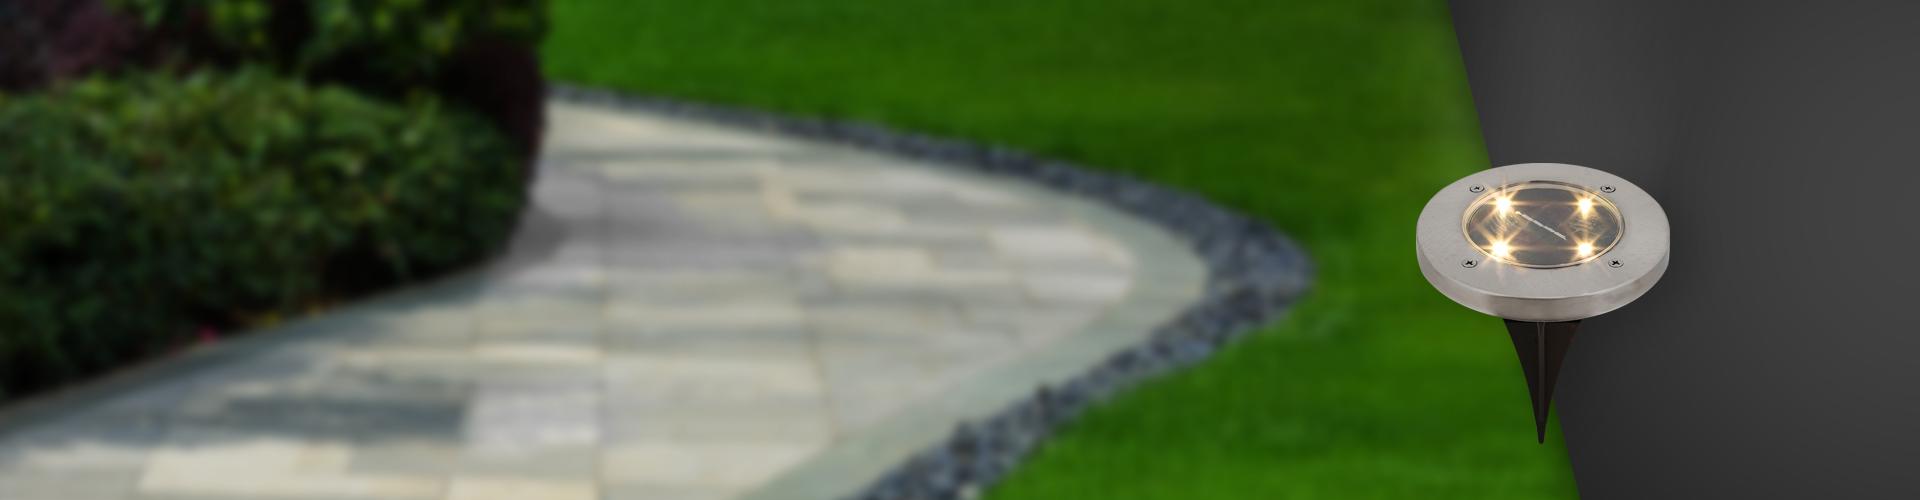 Lampă instalată la nivelul solului